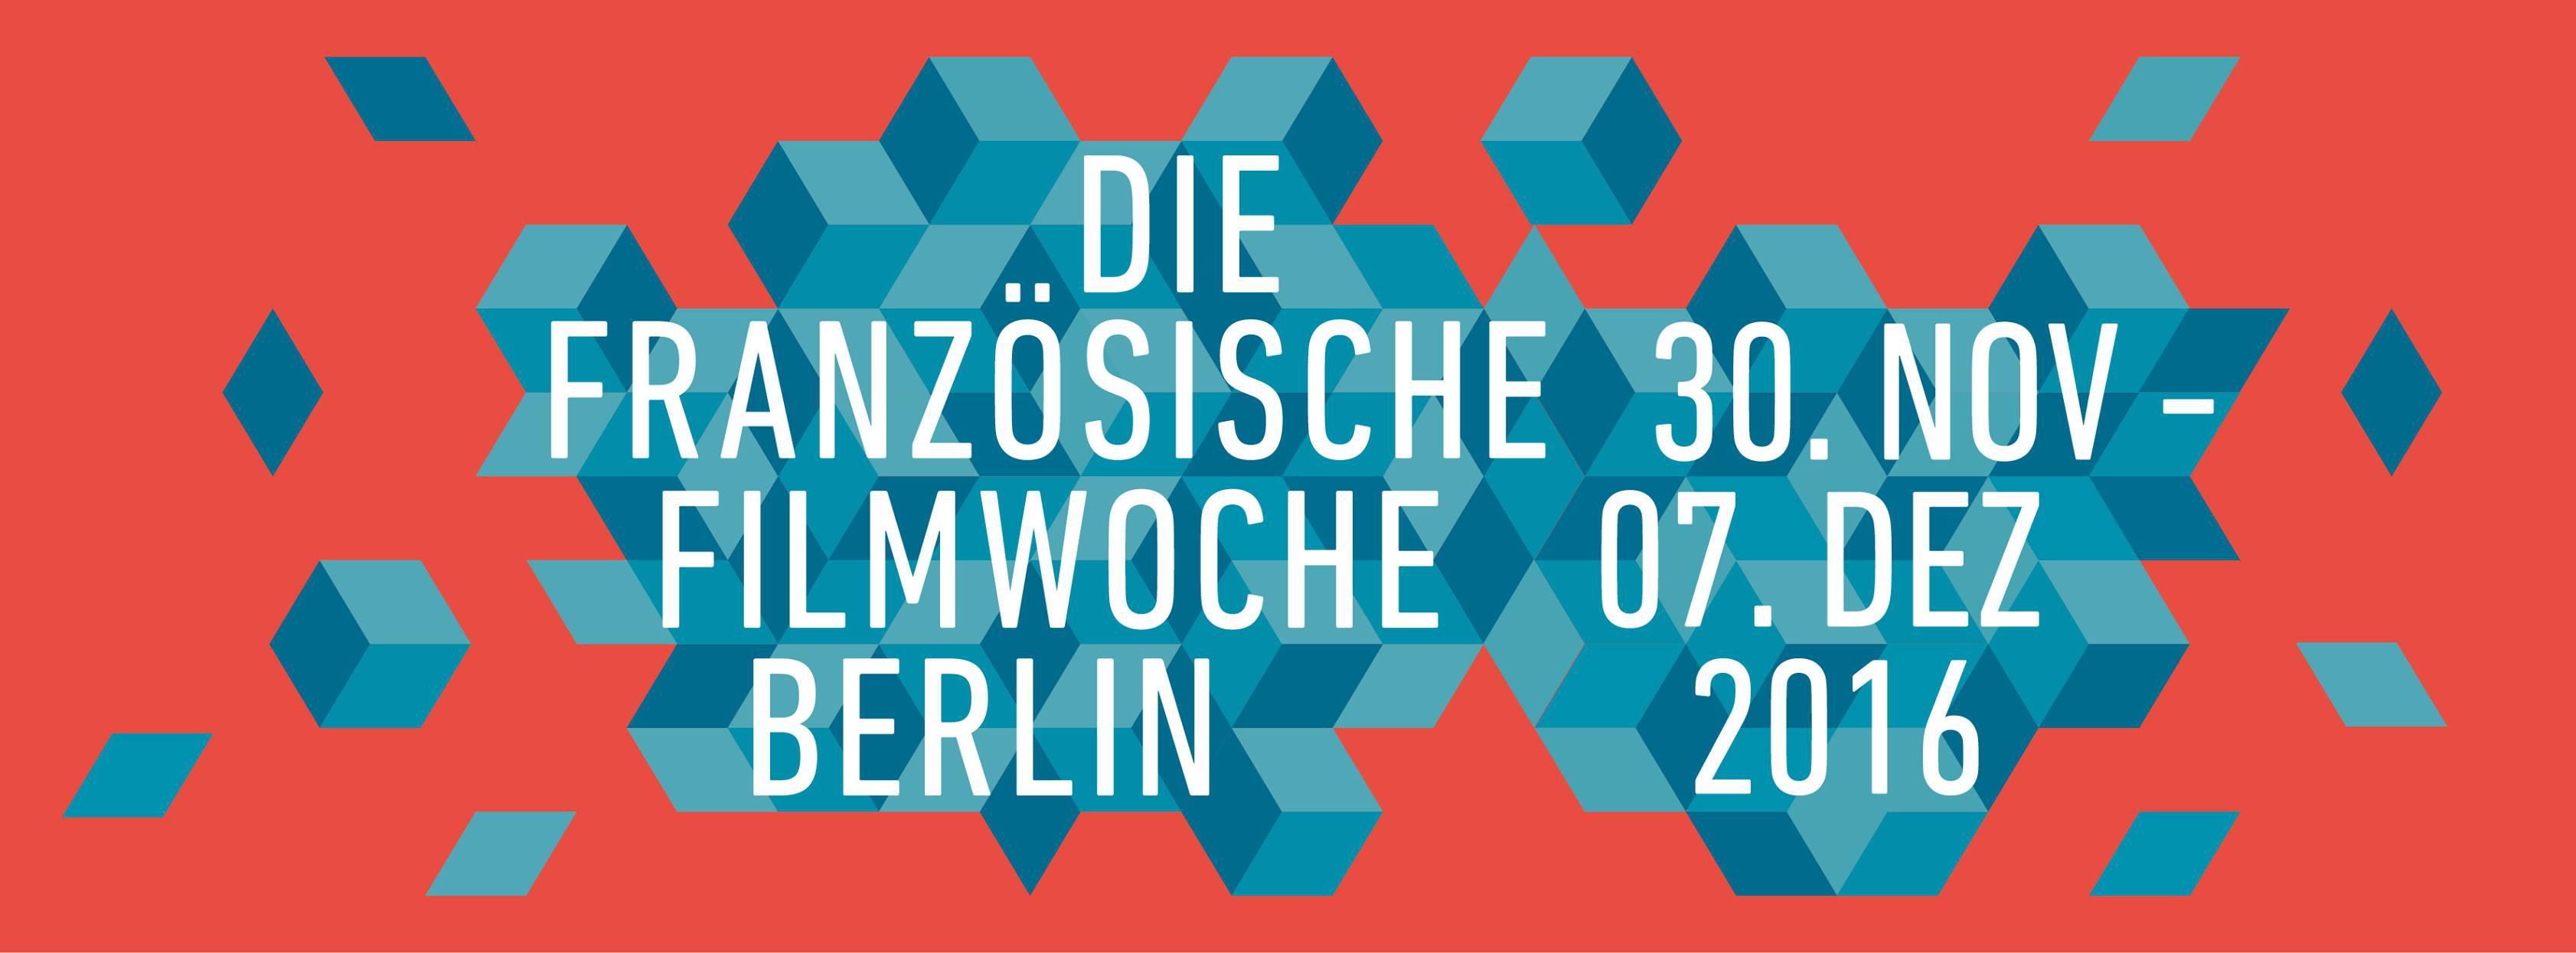 Die französische Filmwoche Berlin  Ligne Roset